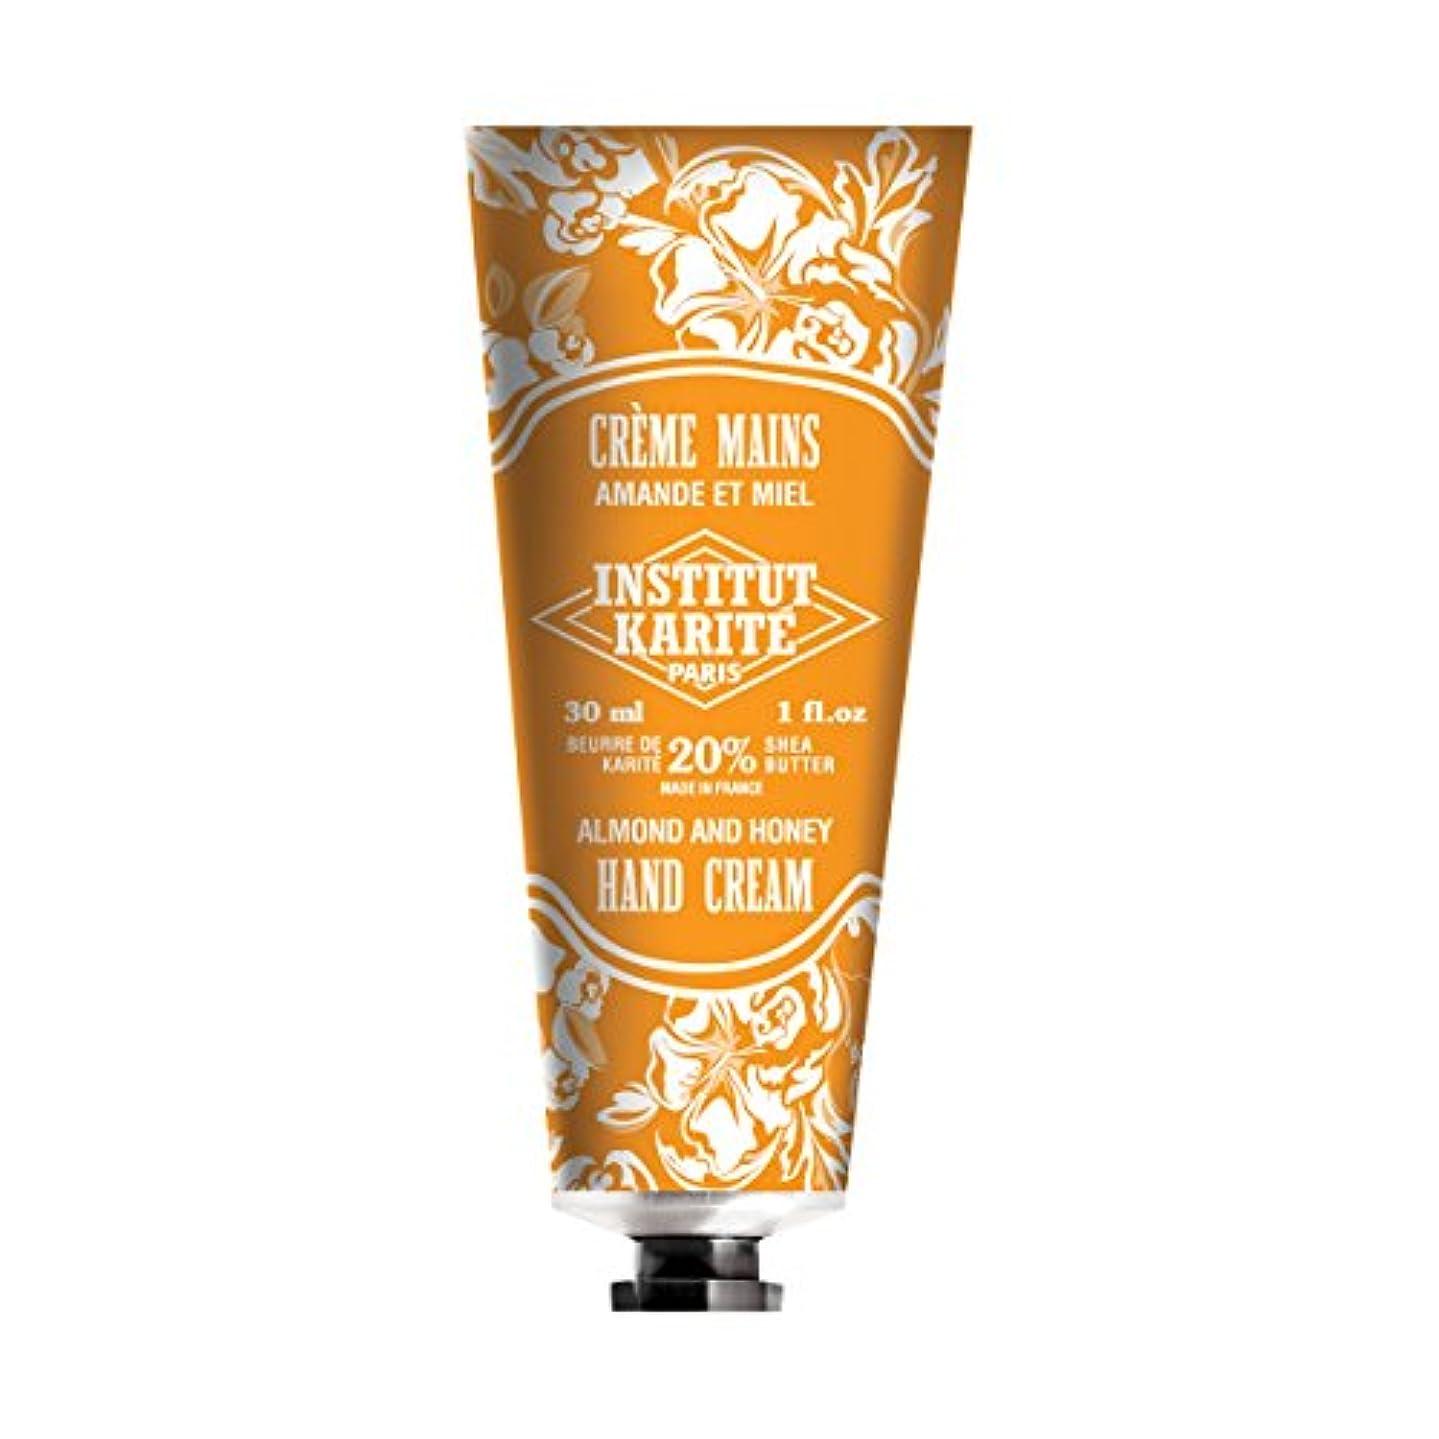 ふざけたアクセスできないグリースINSTITUT KARITE インスティチュート カリテ Hand Cream 30ml(ハンドクリーム)AMANDE ET MIEL アーモンドハニー